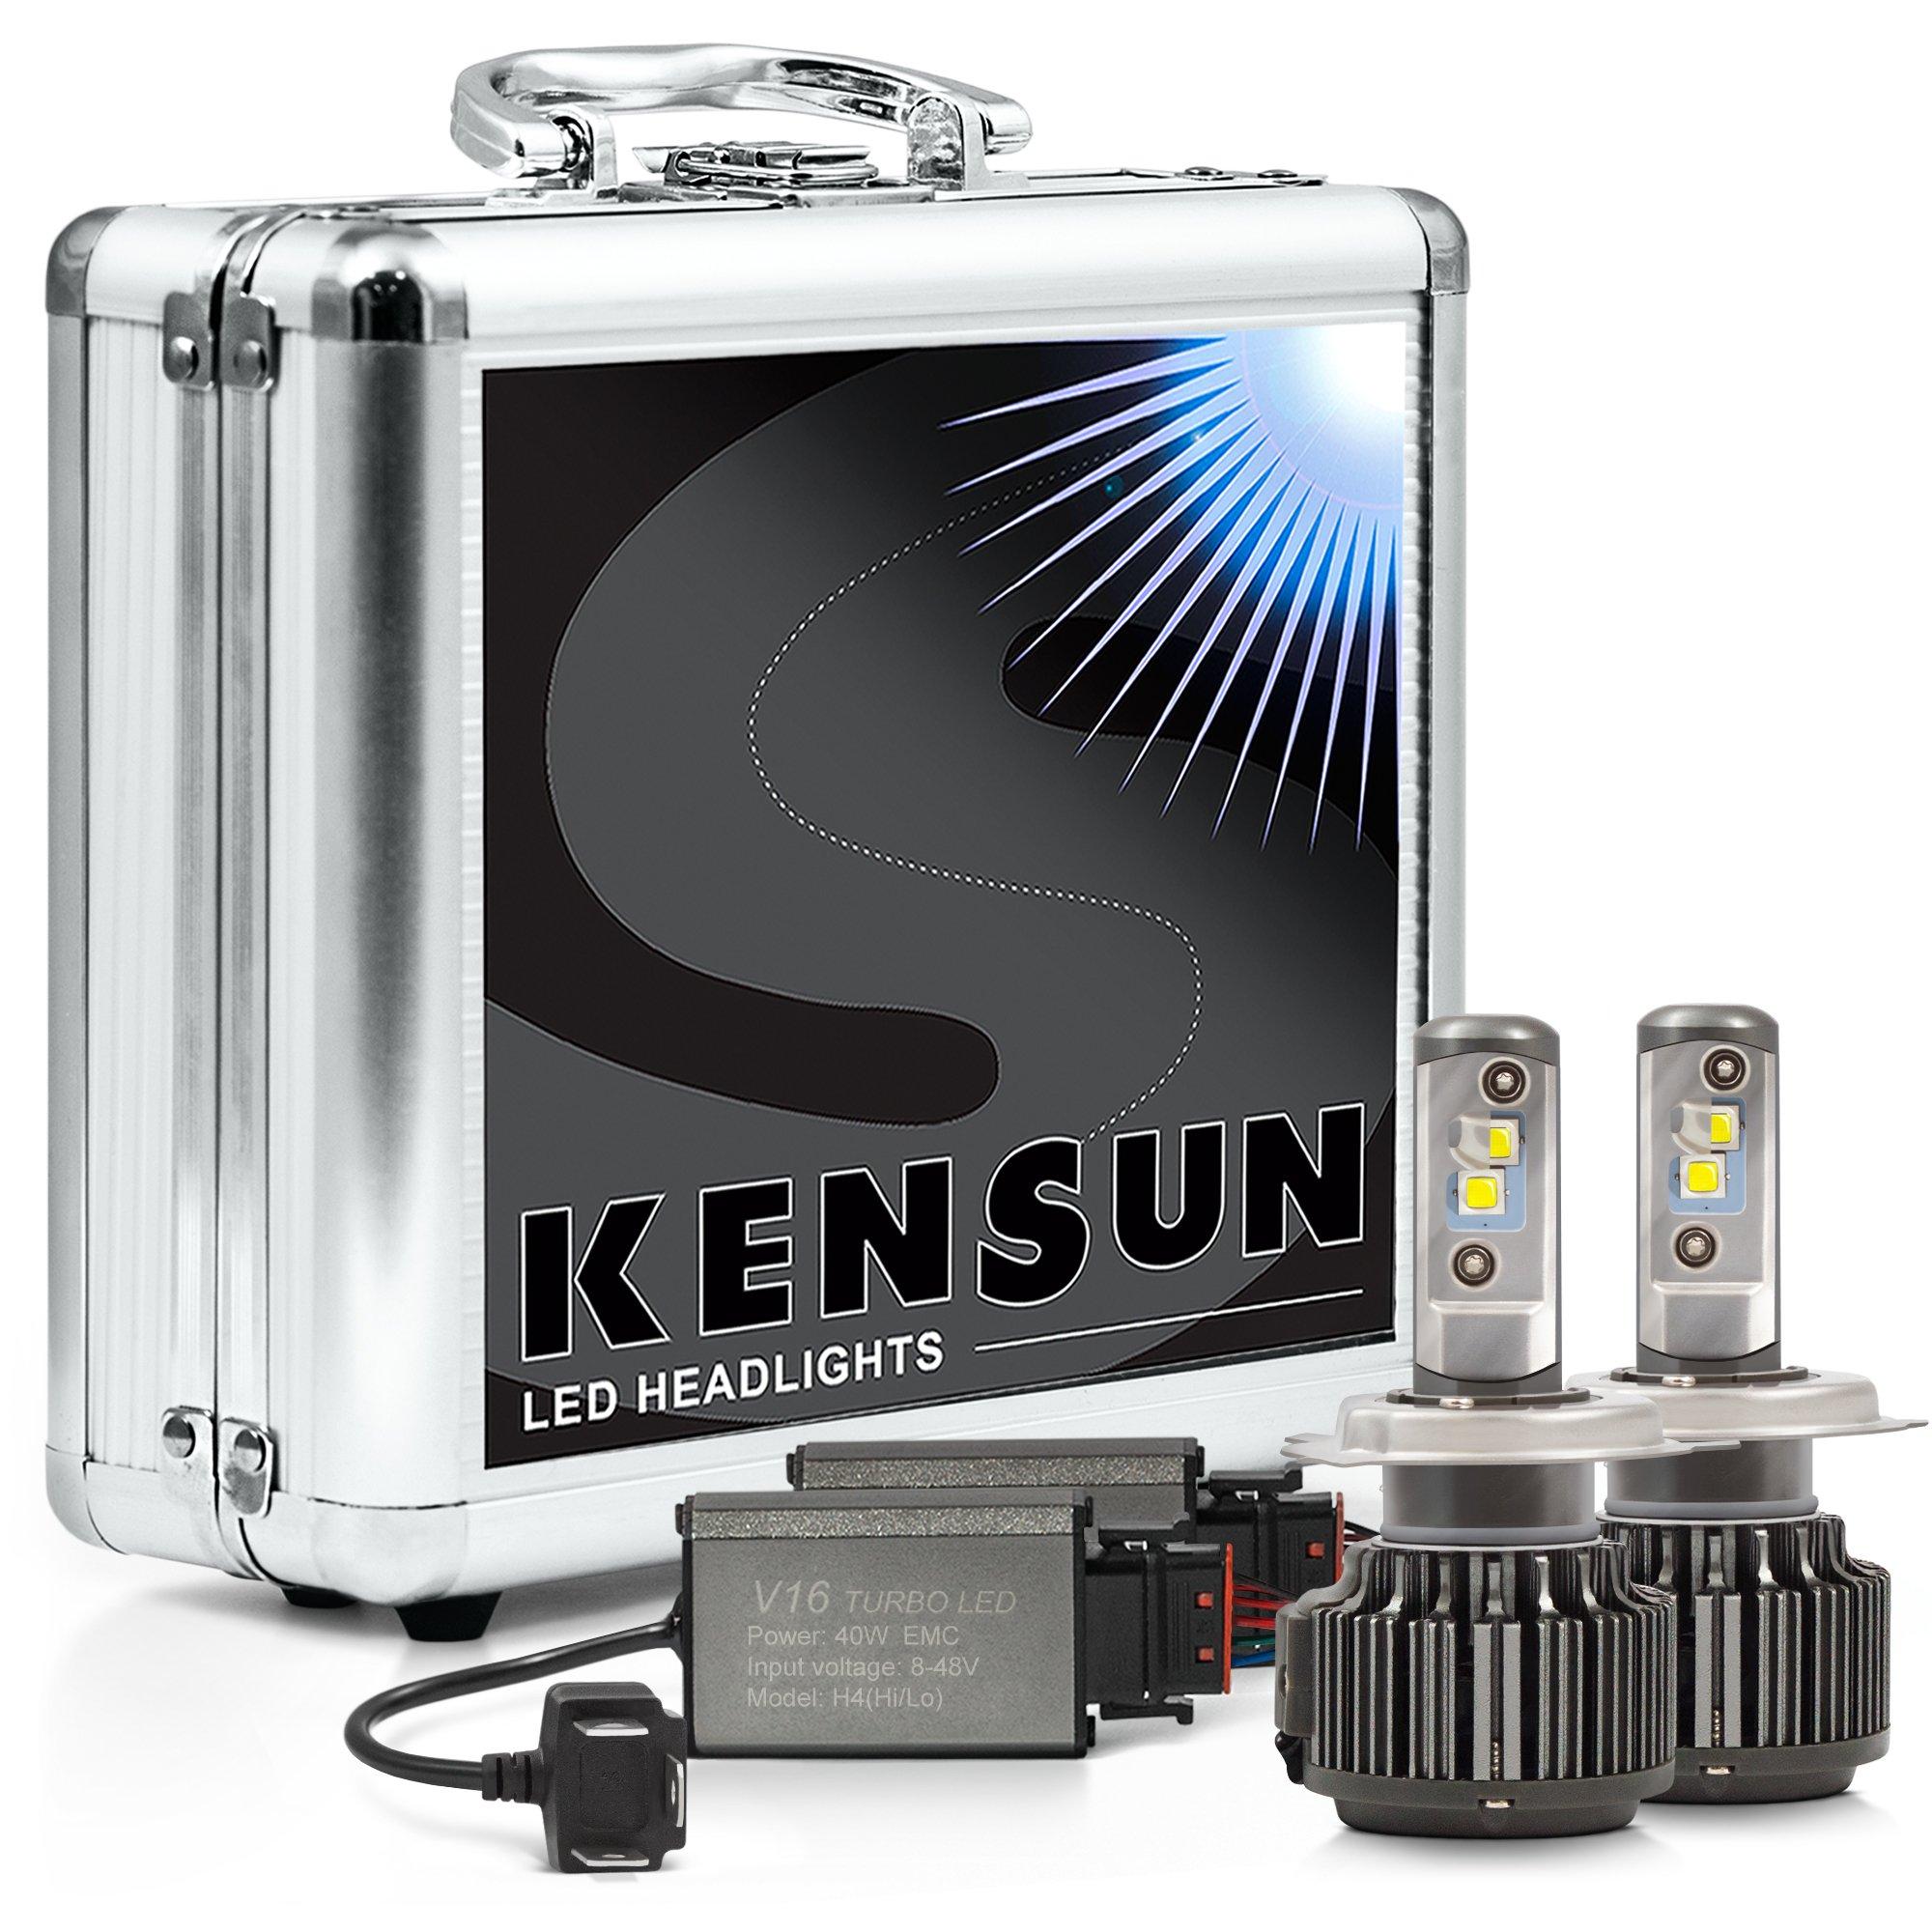 Kensun Super Bright Extreme Cree LED Headlight Conversion Kit